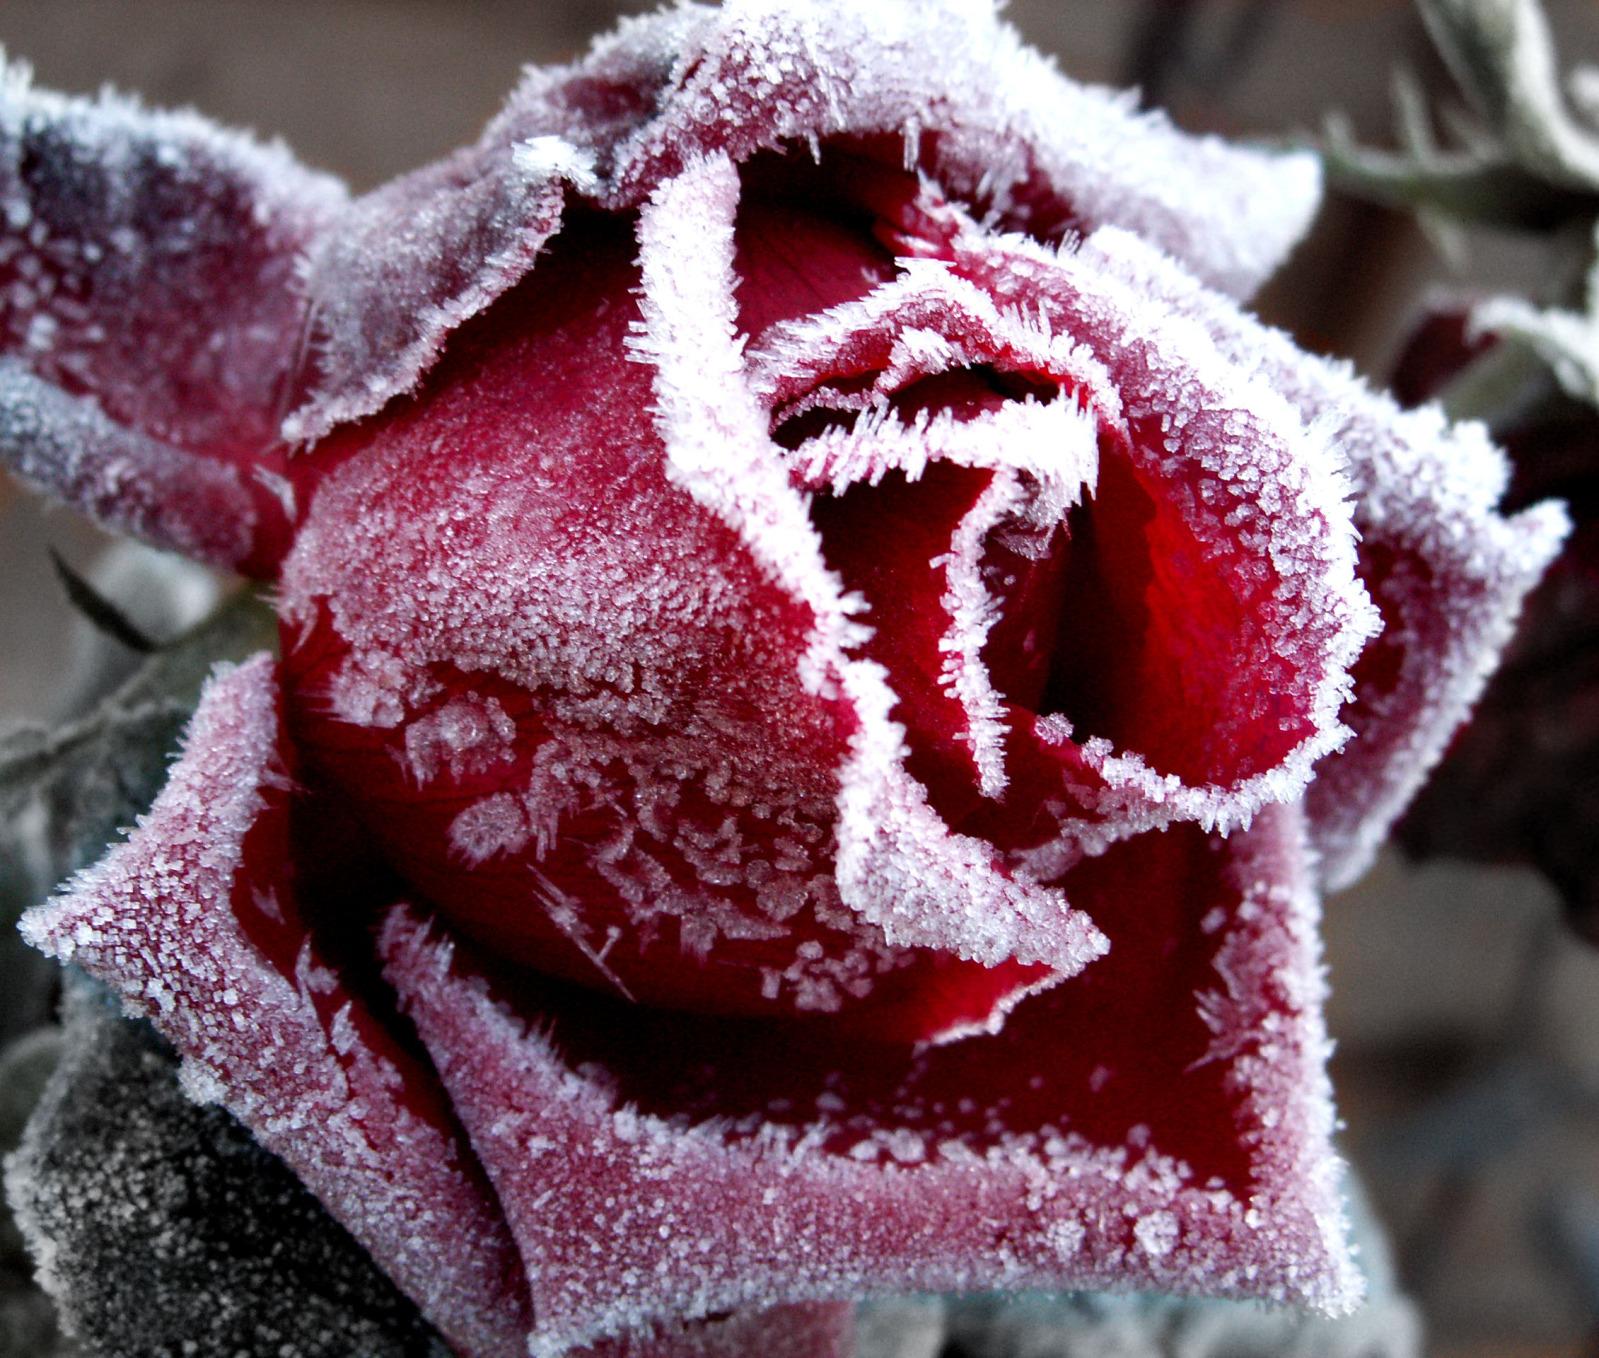 Rose frost.jpg